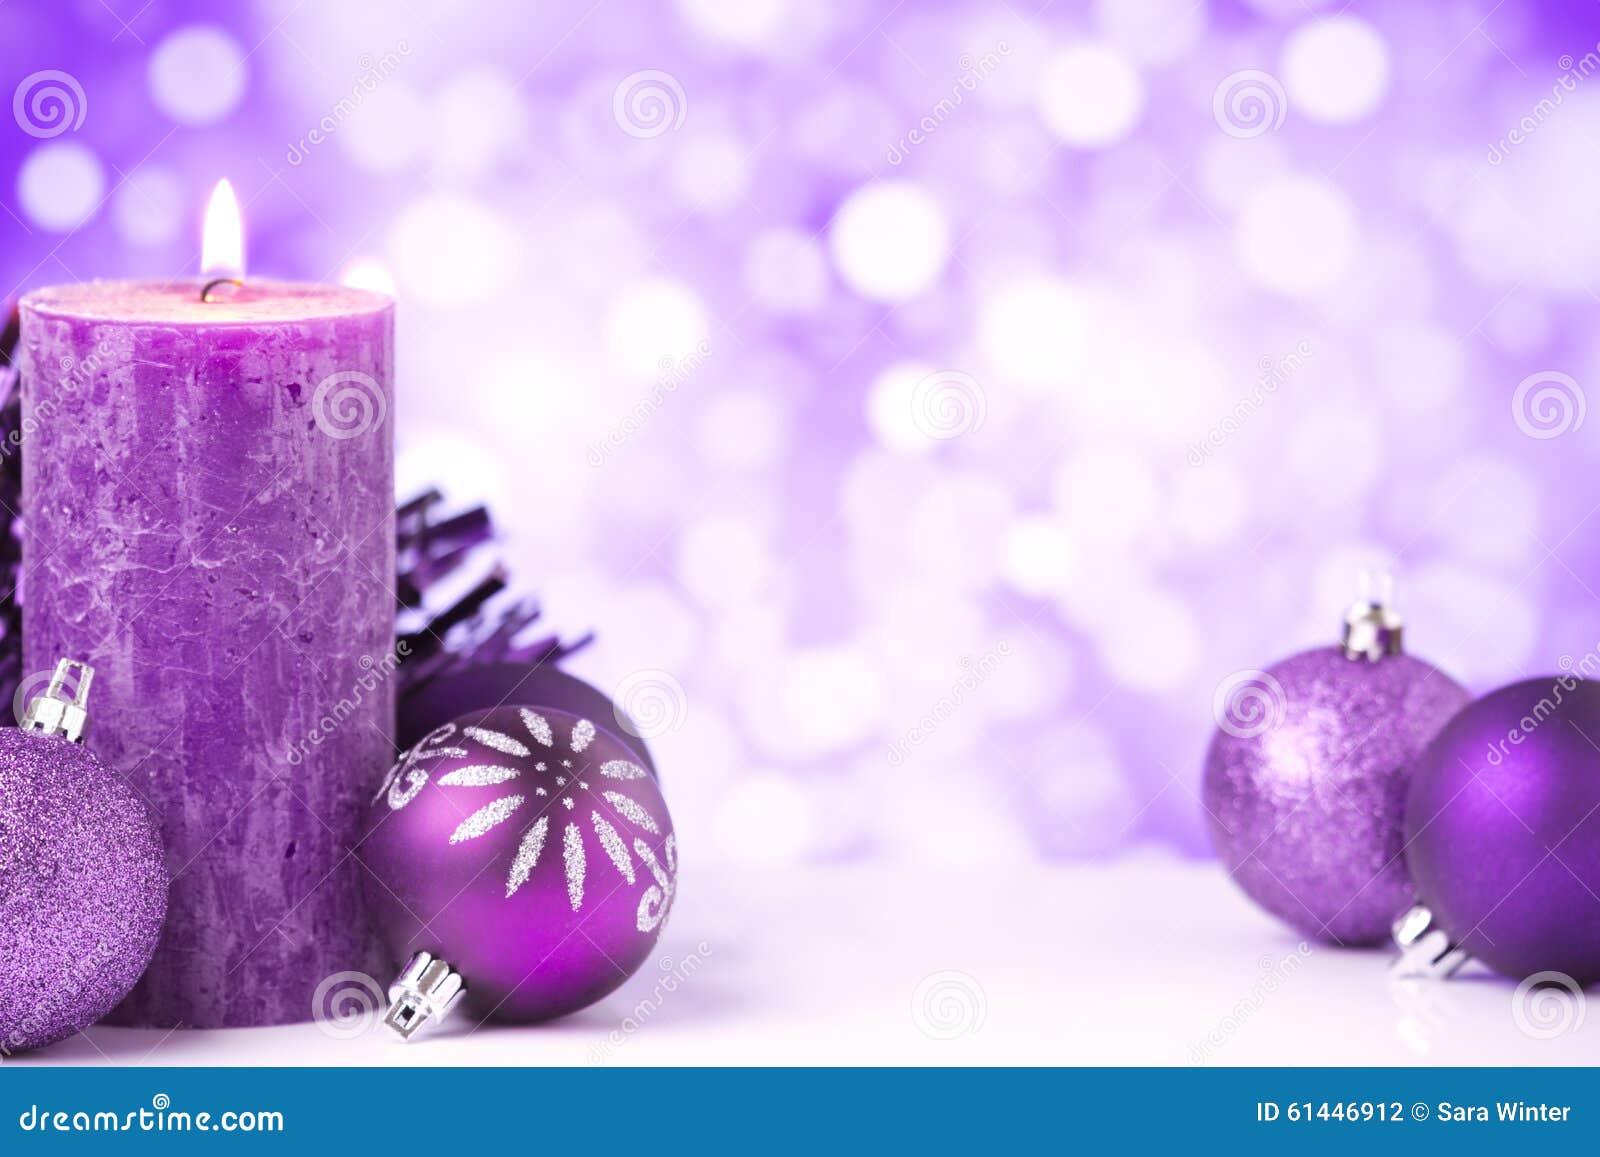 Purpurowa Bożenarodzeniowa scena z baubles i świeczkami